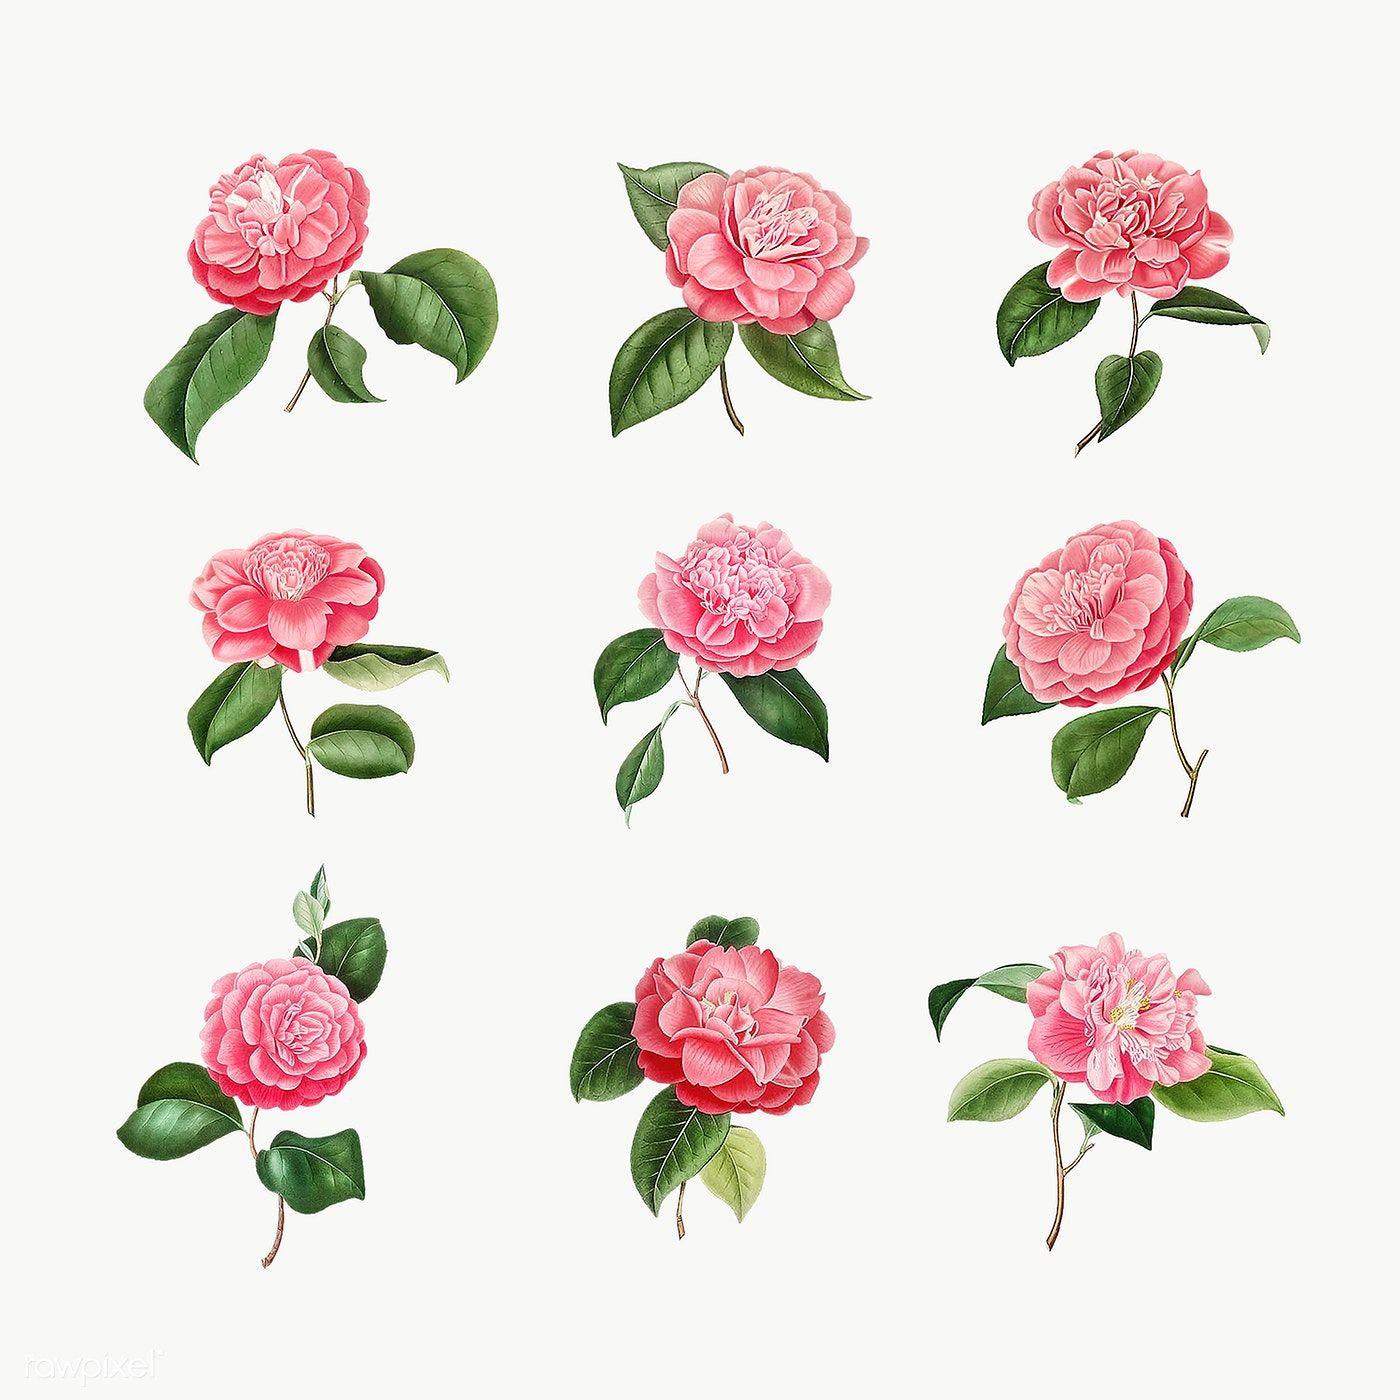 Download Premium Png Of Set Of Vintage Camellia Roses Transparent Png In 2020 Flower Illustration Camellia Flower Rose Illustration